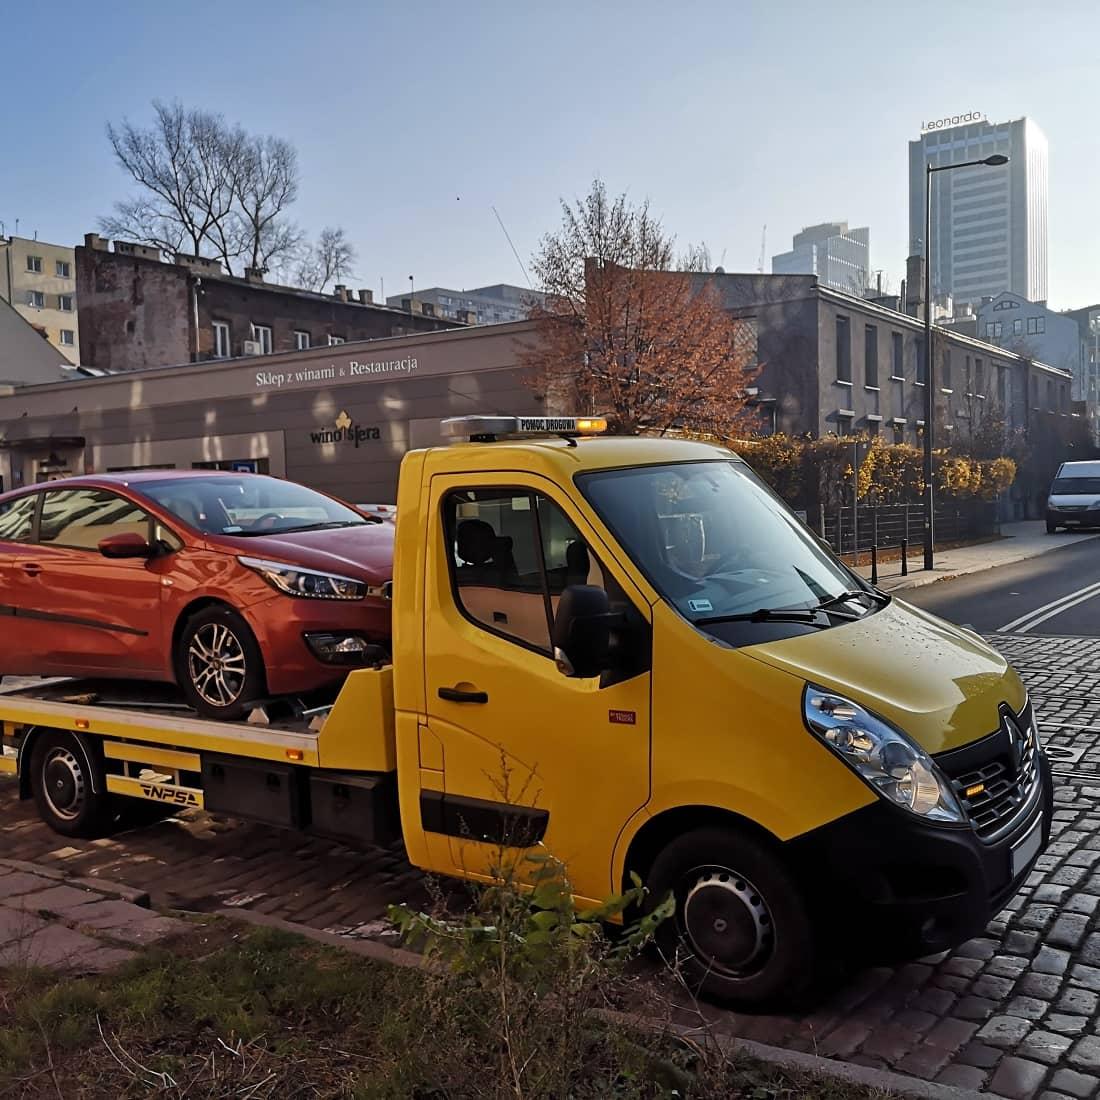 Pomoc drogowa Warszawa Wilanów Besthol